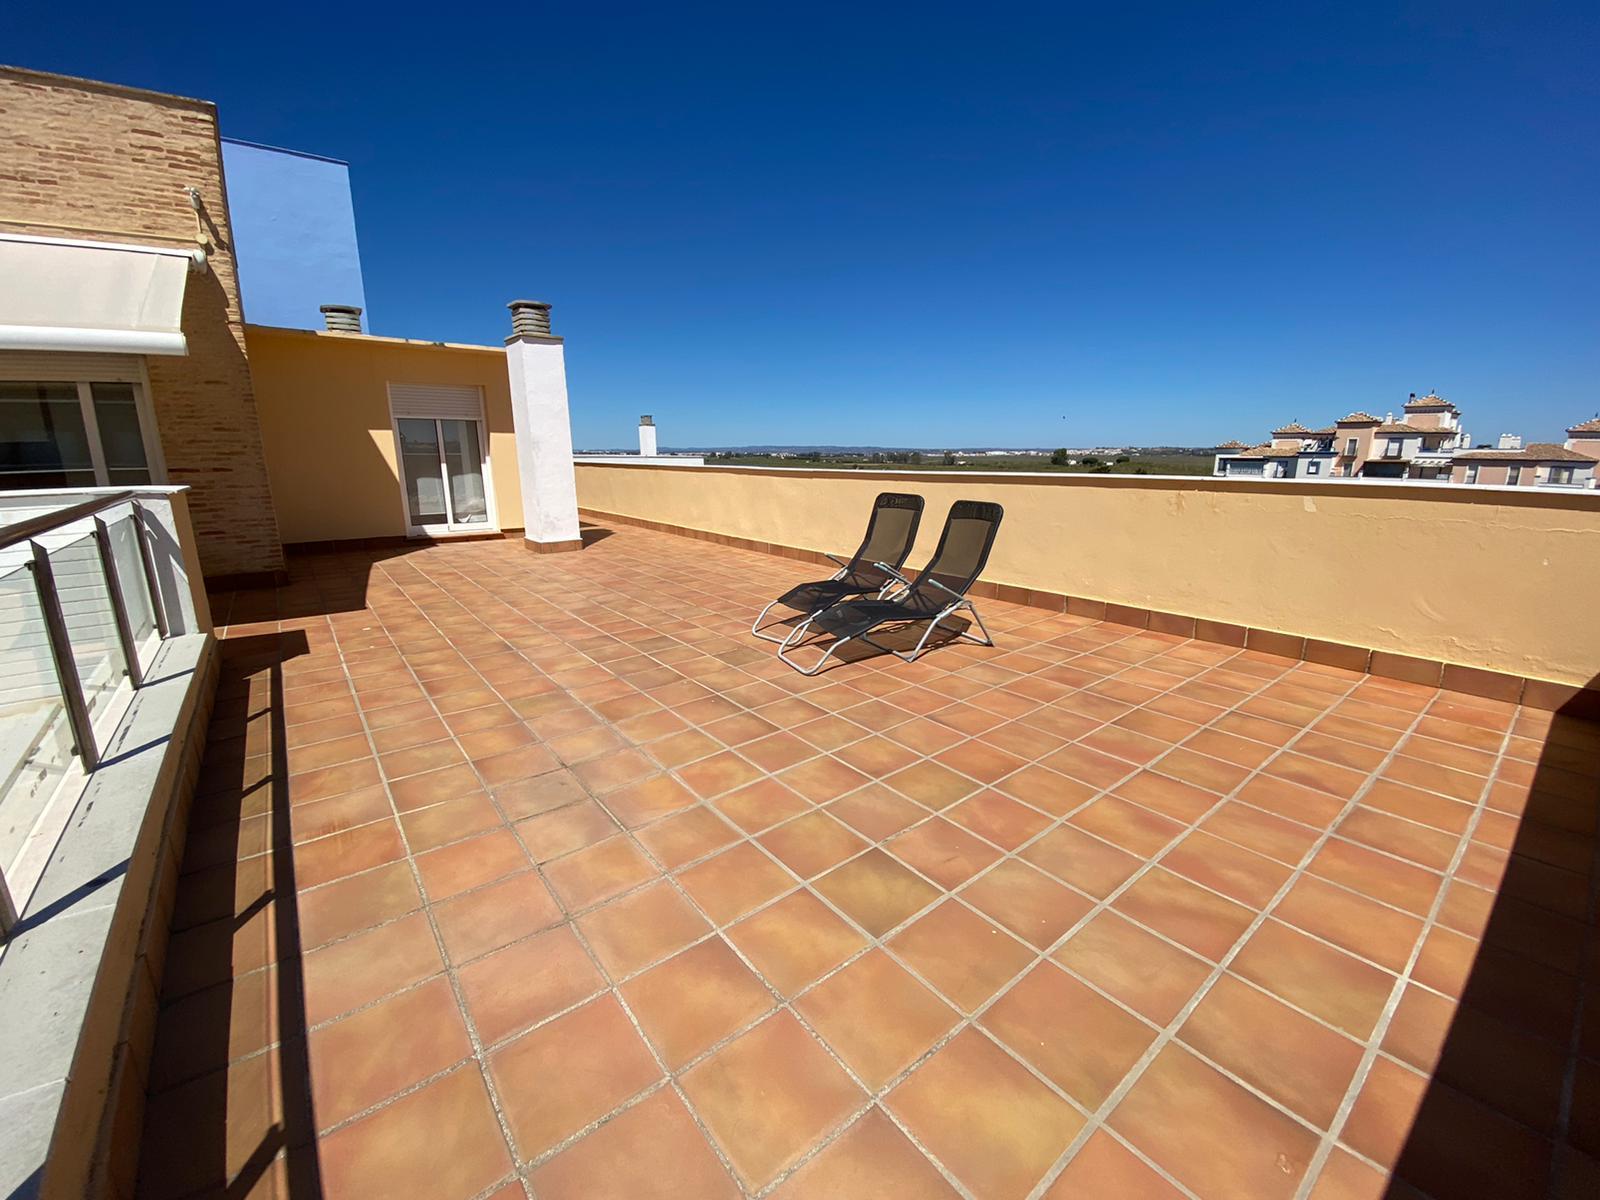 Imagen 2 del Apartamento Turístico, Ático 7 Poniente (3d+2b), Punta del Moral (HUELVA), Paseo de la Cruz nº22